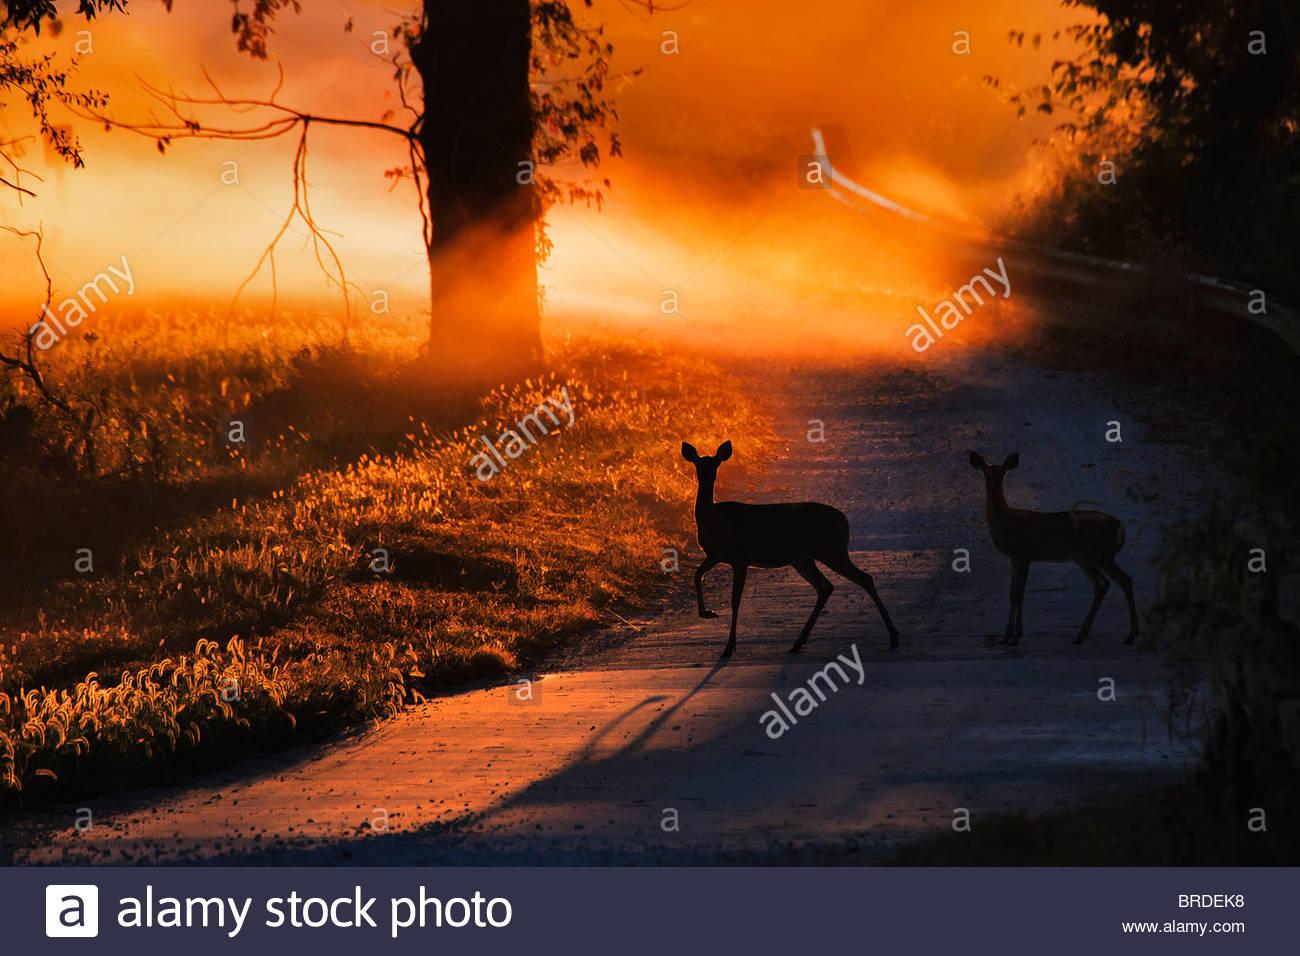 Doe y Fawn Venado cola Blanca cruzar una carretera al amanecer. Imagen De Stock